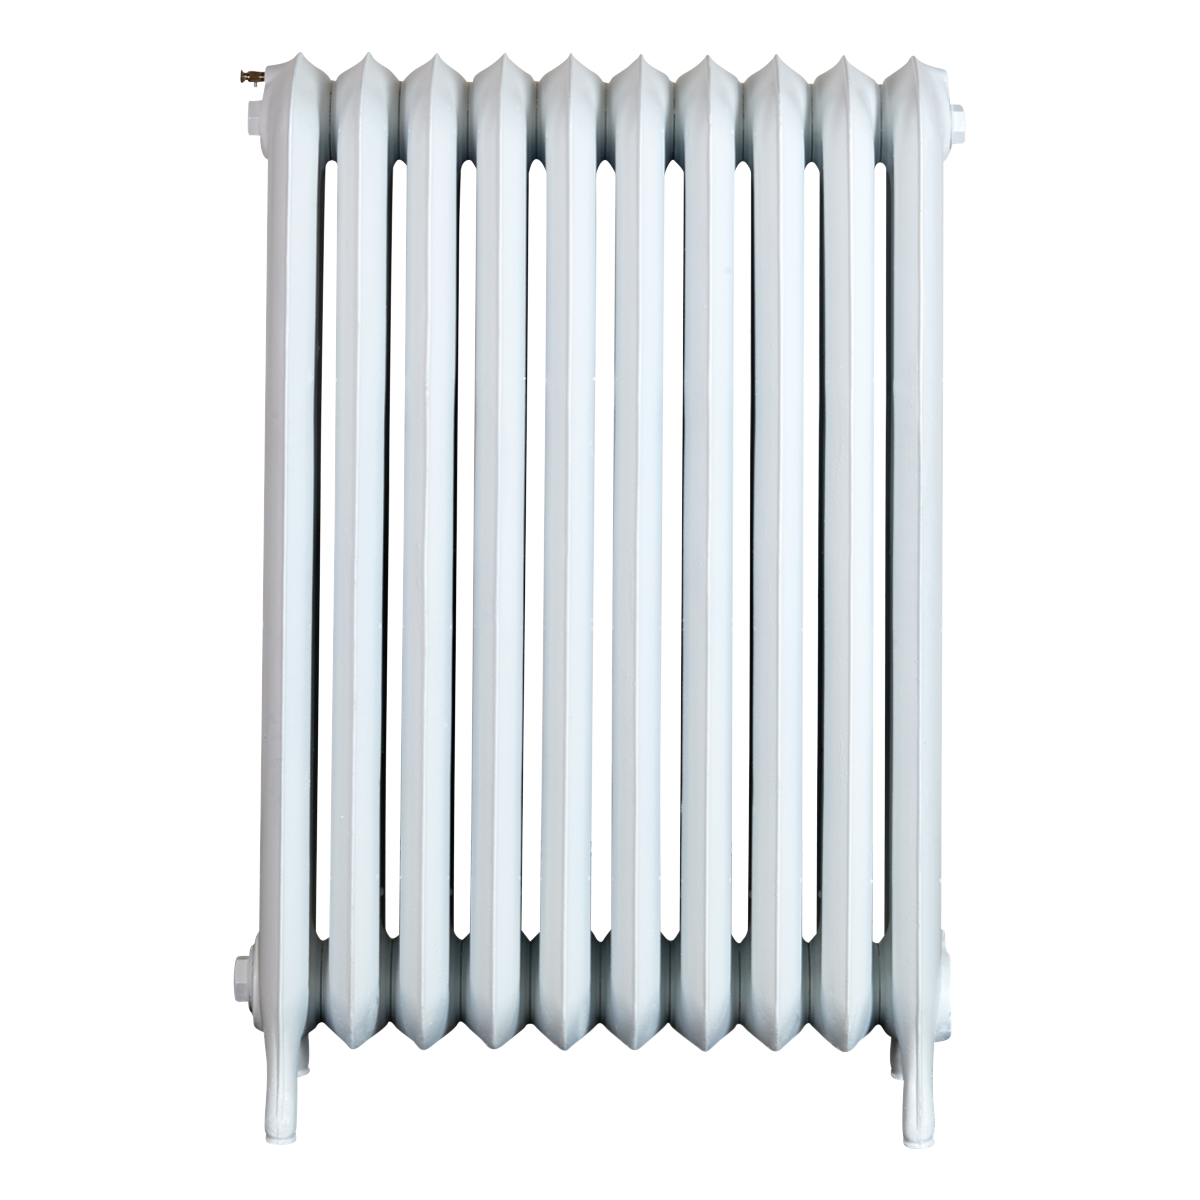 Ironworks Radiators Inc. refurbished cast iron radiator Yonge in Semi-gloss white